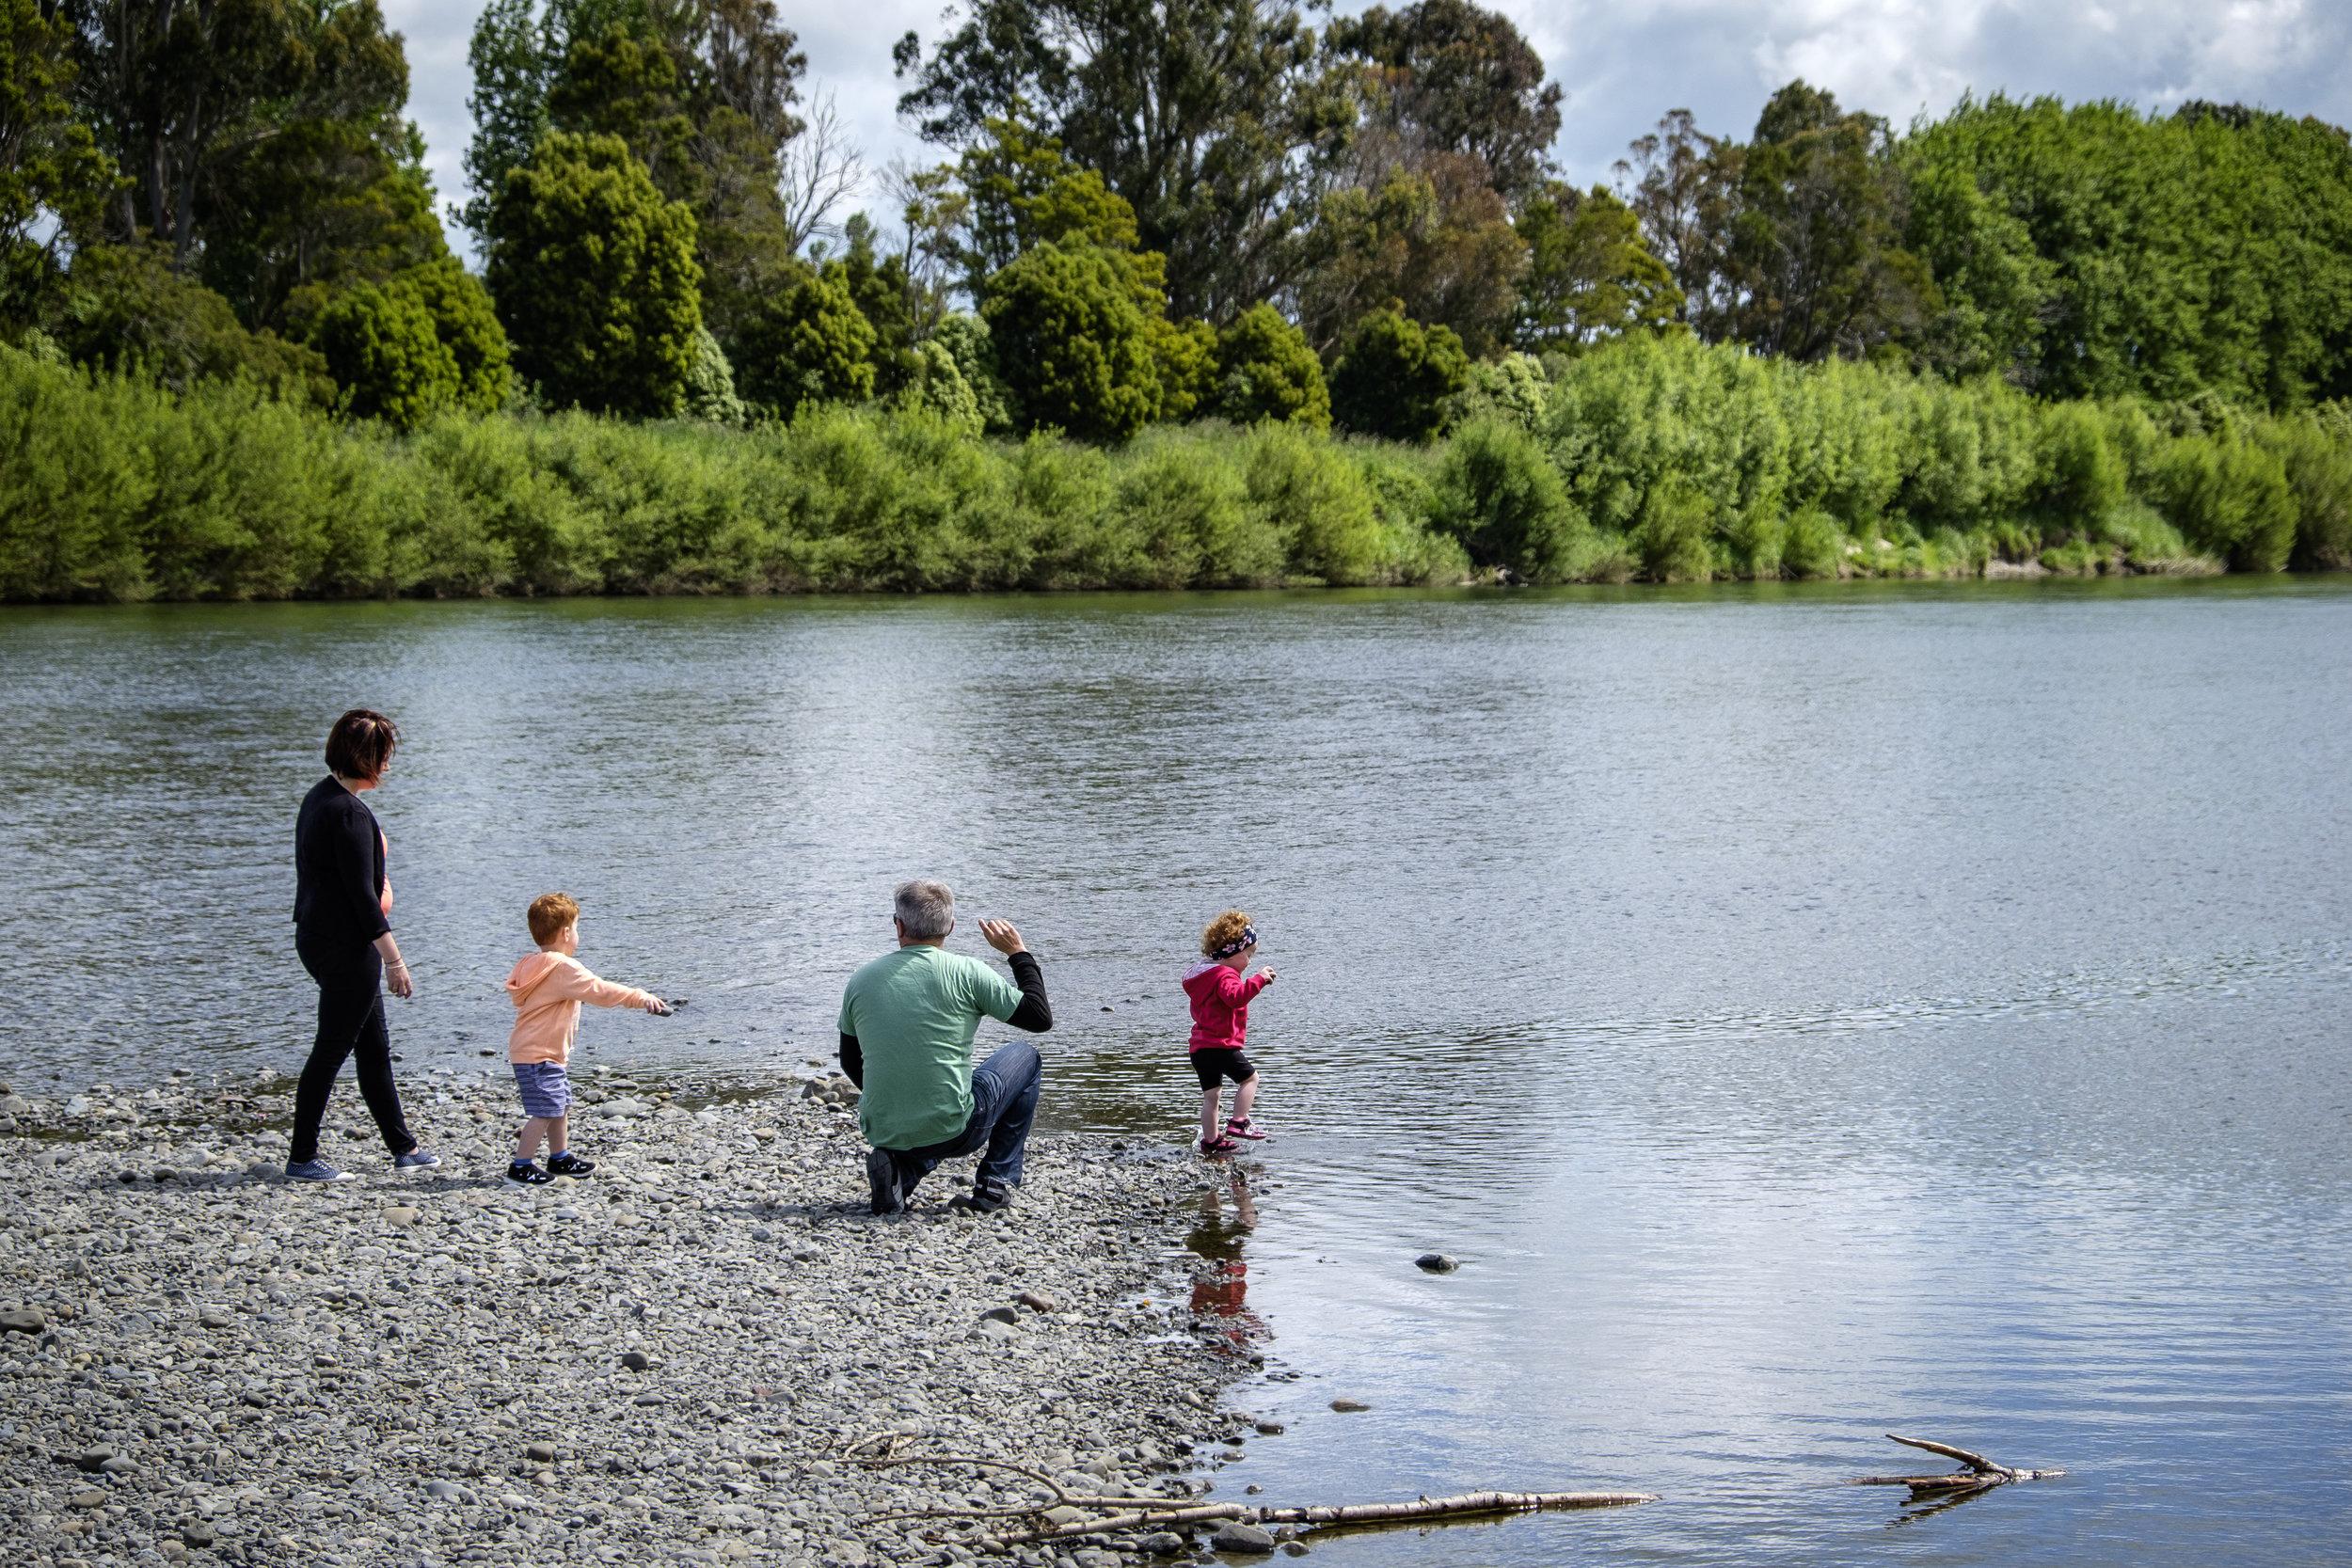 Manawatu River _www.manawatunz.co.nz.jpg